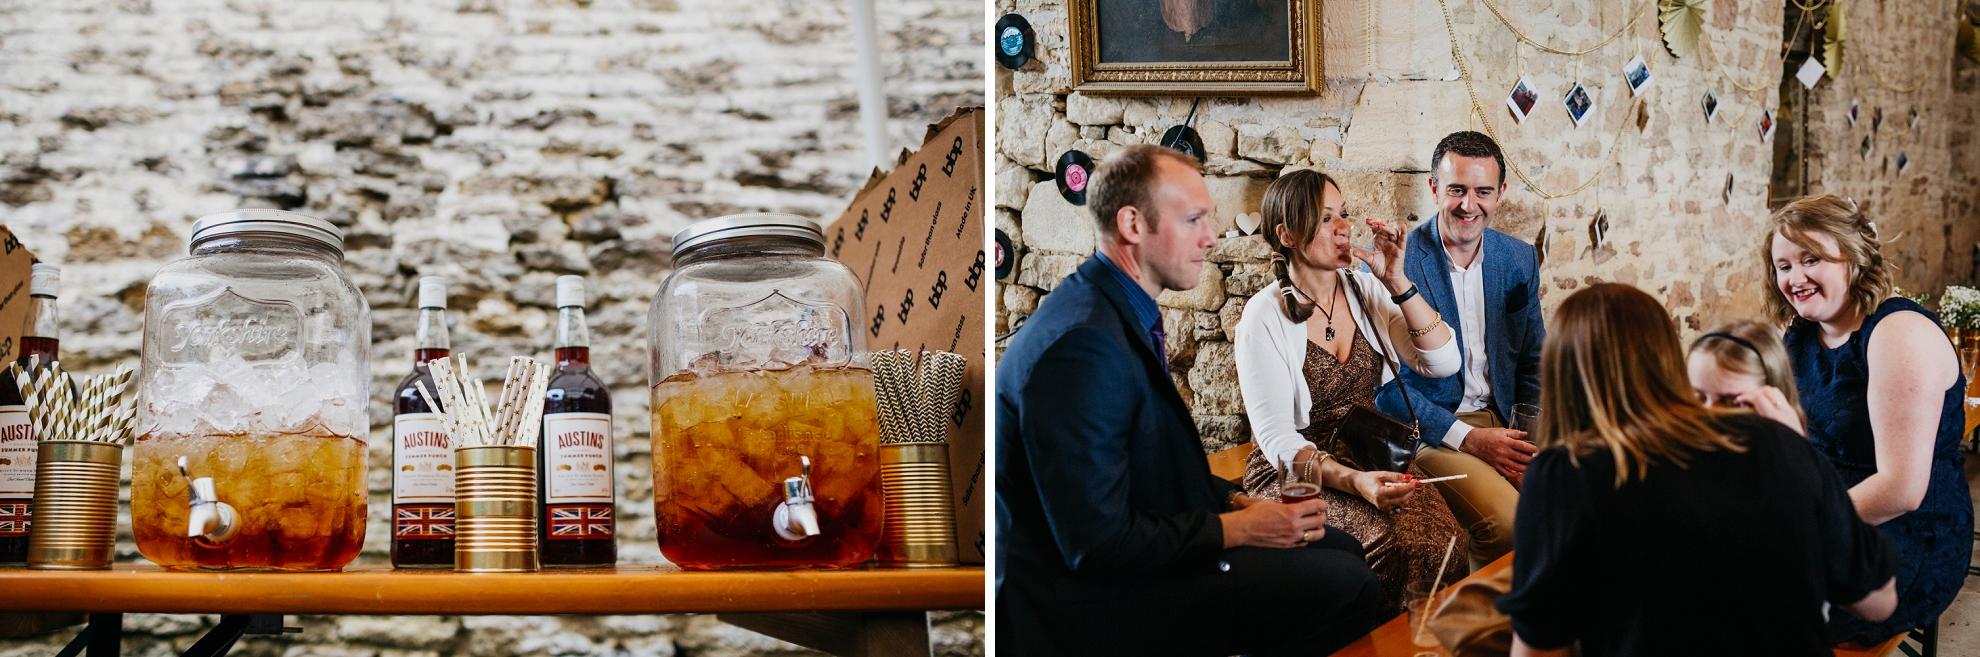 stowford-manor-farm-wedding-_021